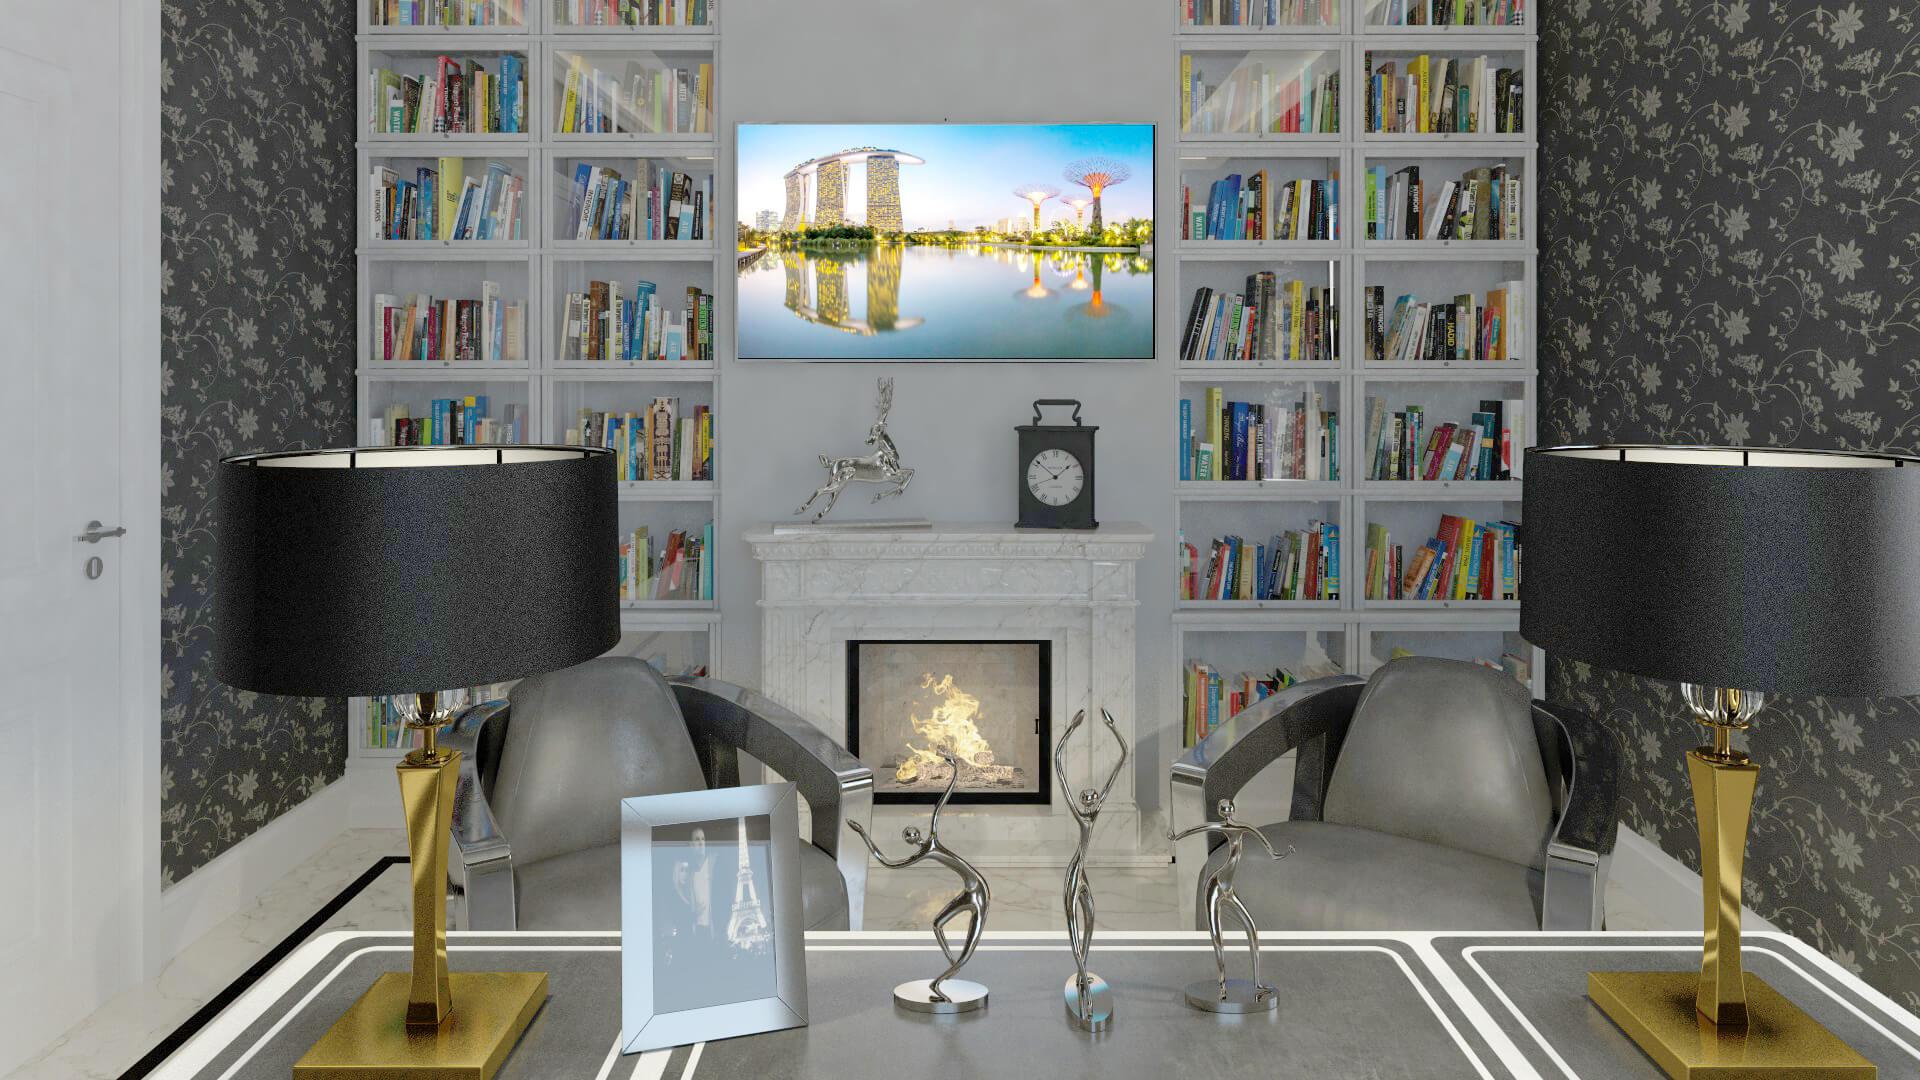 modernes Herrenzimmer Design by Torsten Müller aus Bad Honnef Planung Verkauf Interior Designer (11)